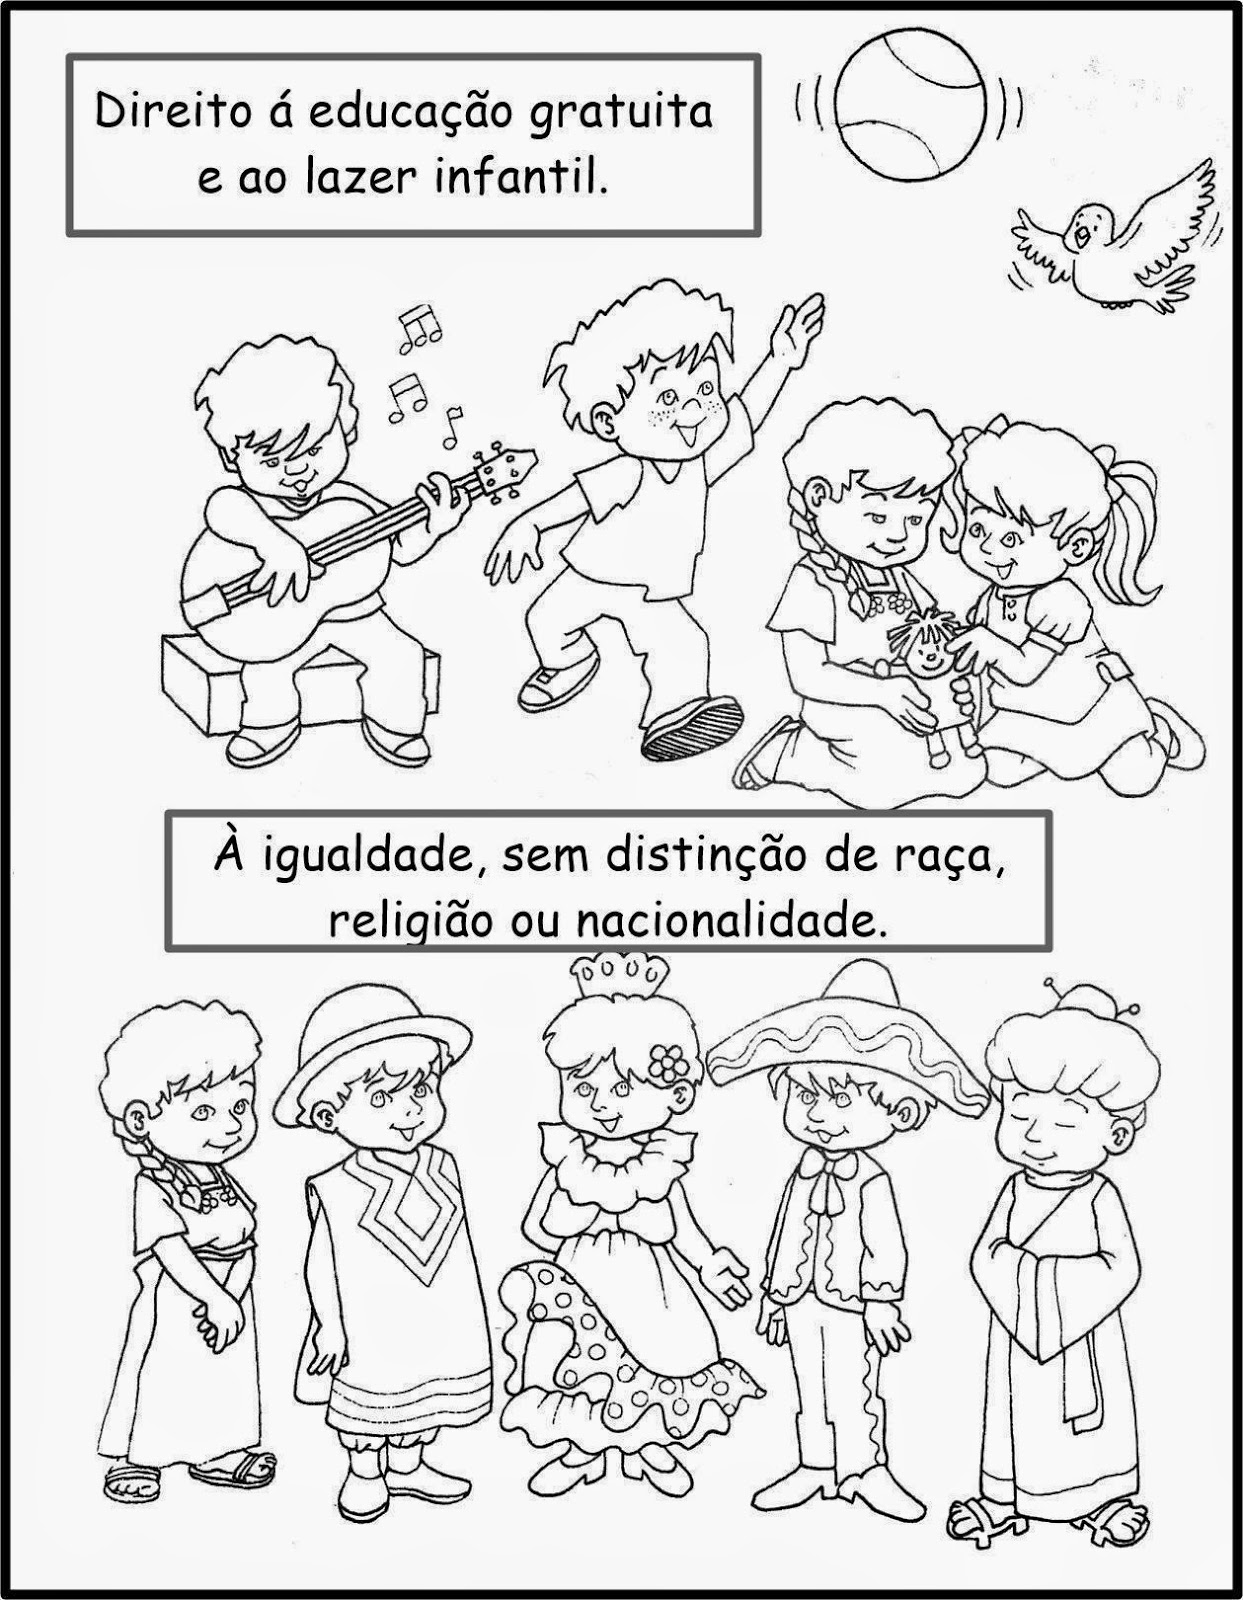 dia das crianças atividades escolares (9)